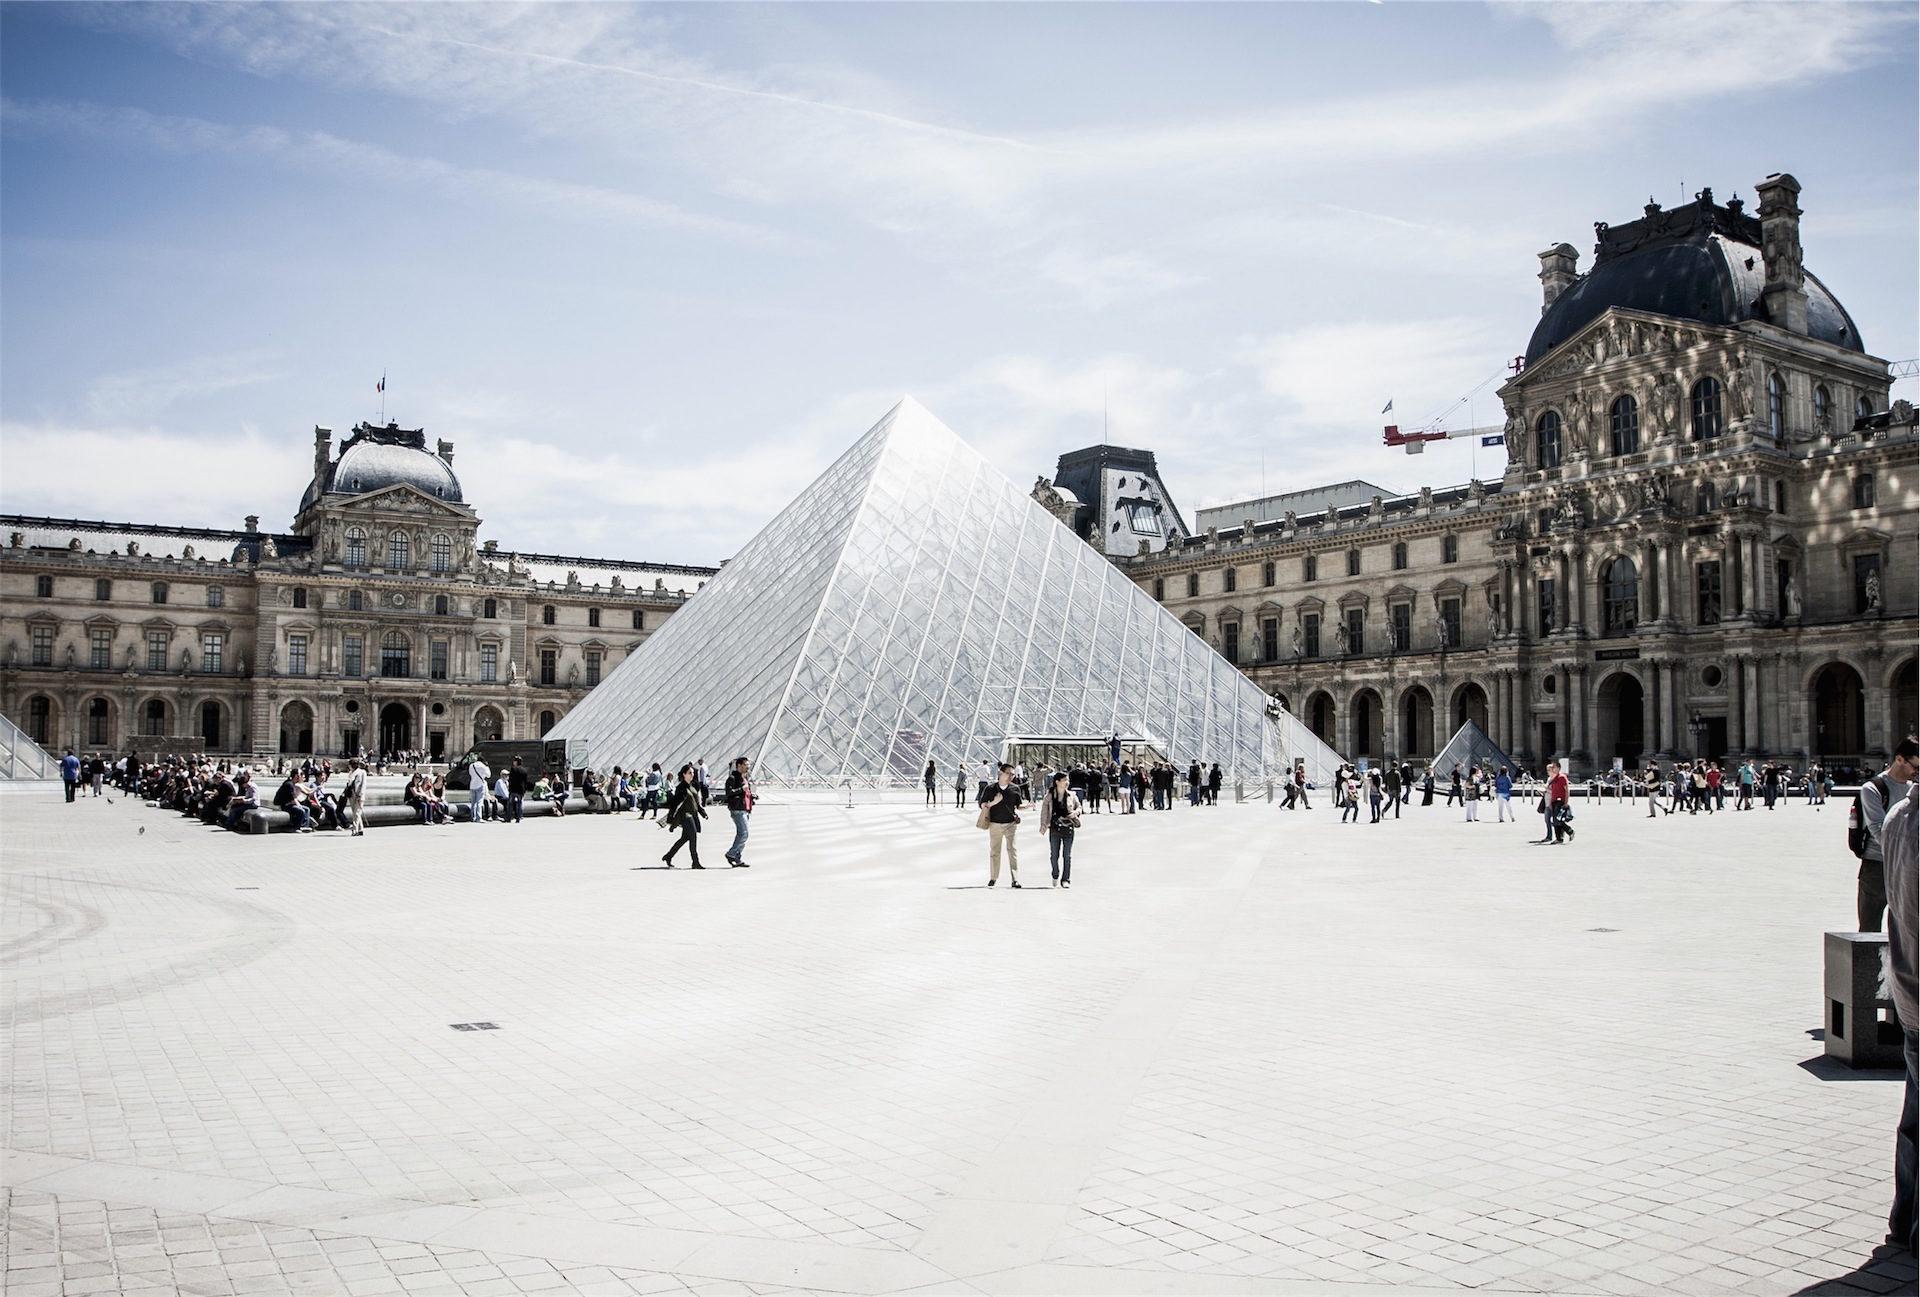 Pyramid, Musée, Paris, Musée du Louvre, Tourisme, France - Fonds d'écran HD - Professor-falken.com